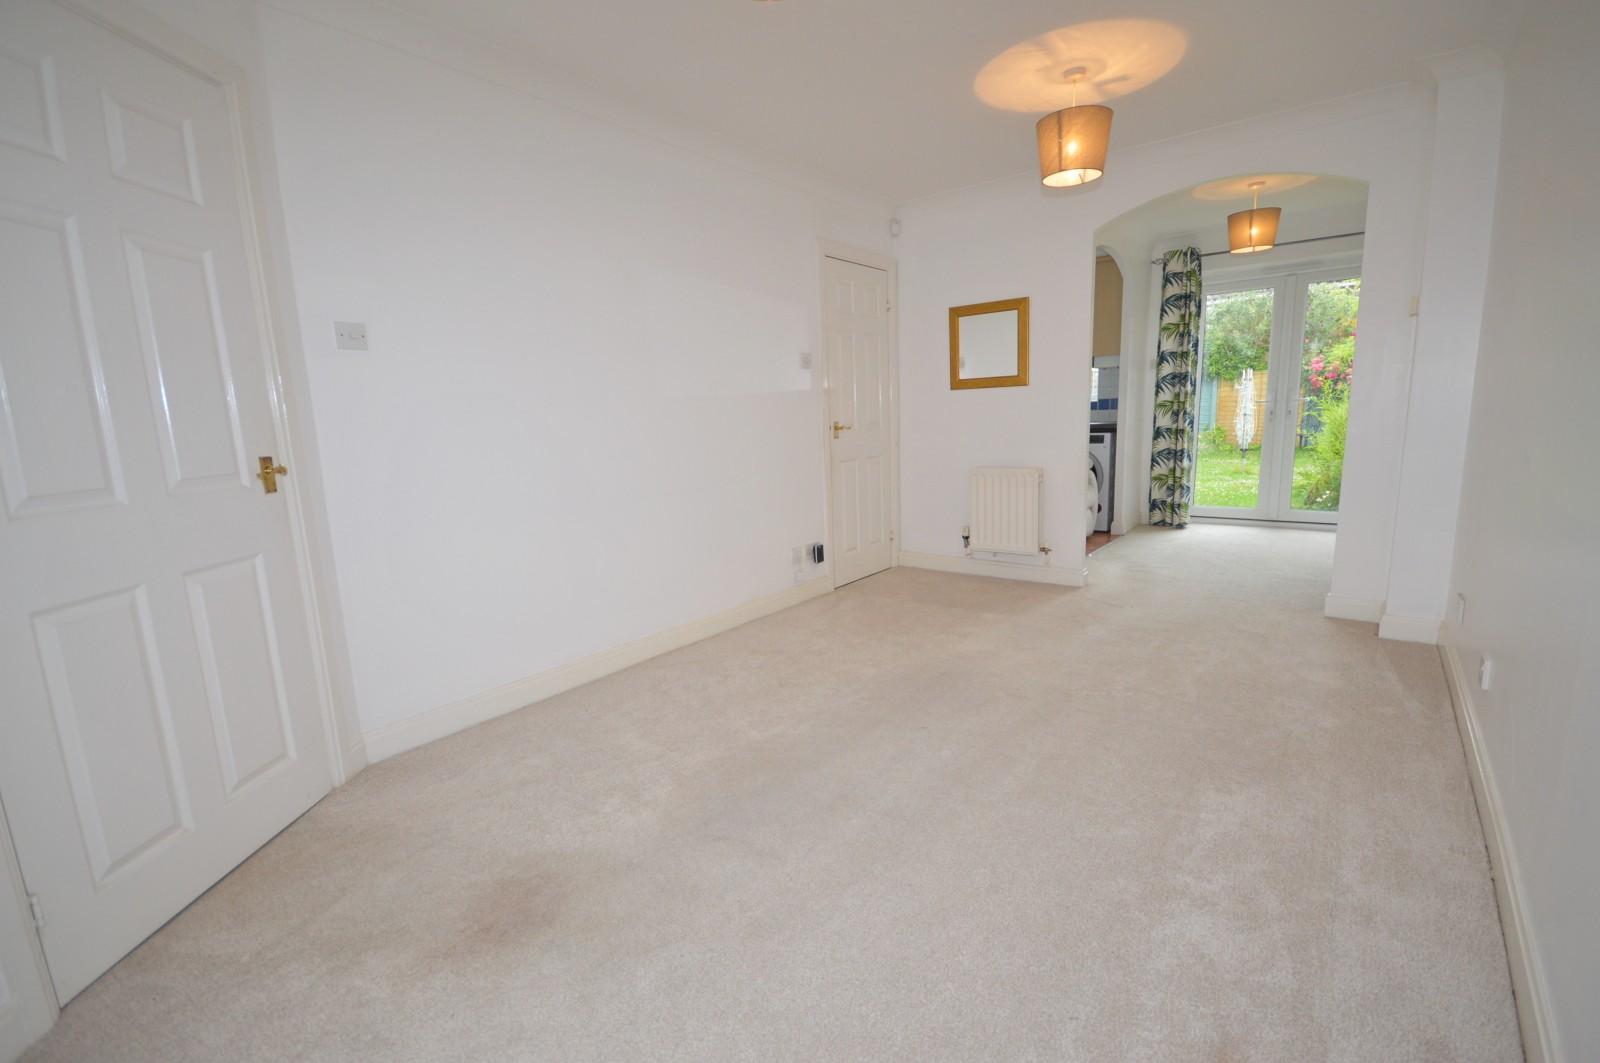 Living Room - House in Billingshurst